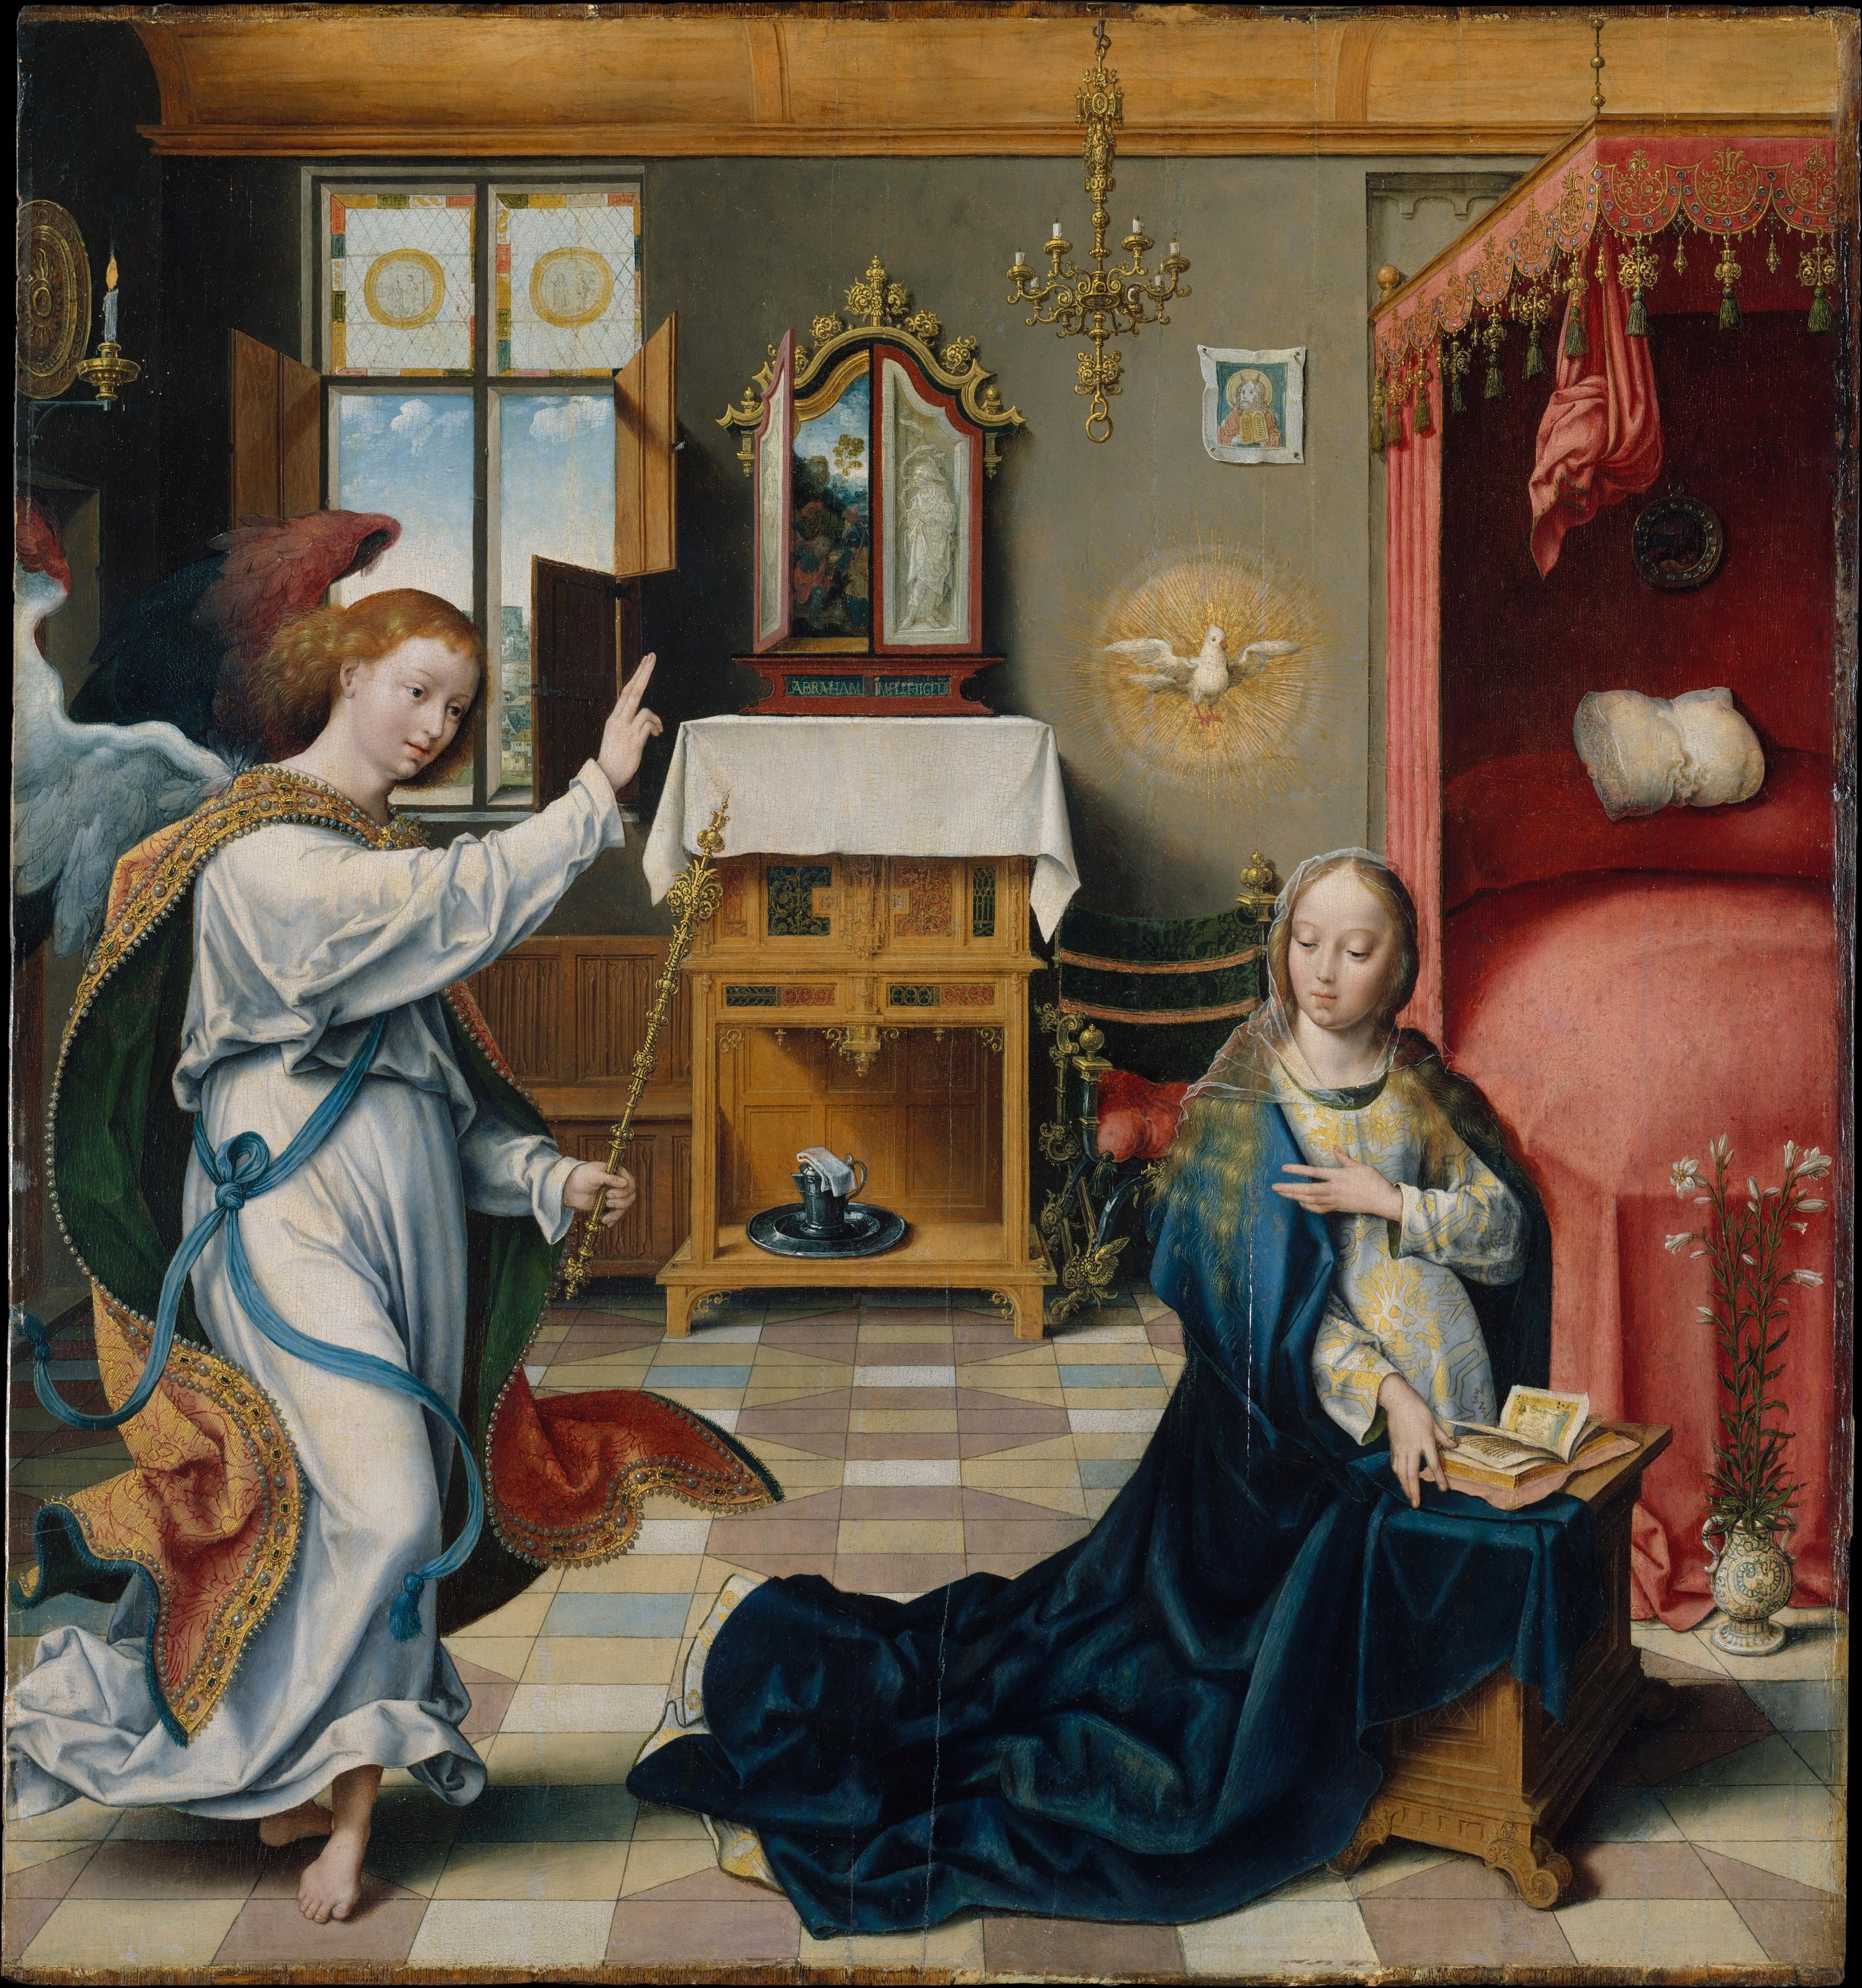 1525-joos-van-cleve-annunciation.jpg